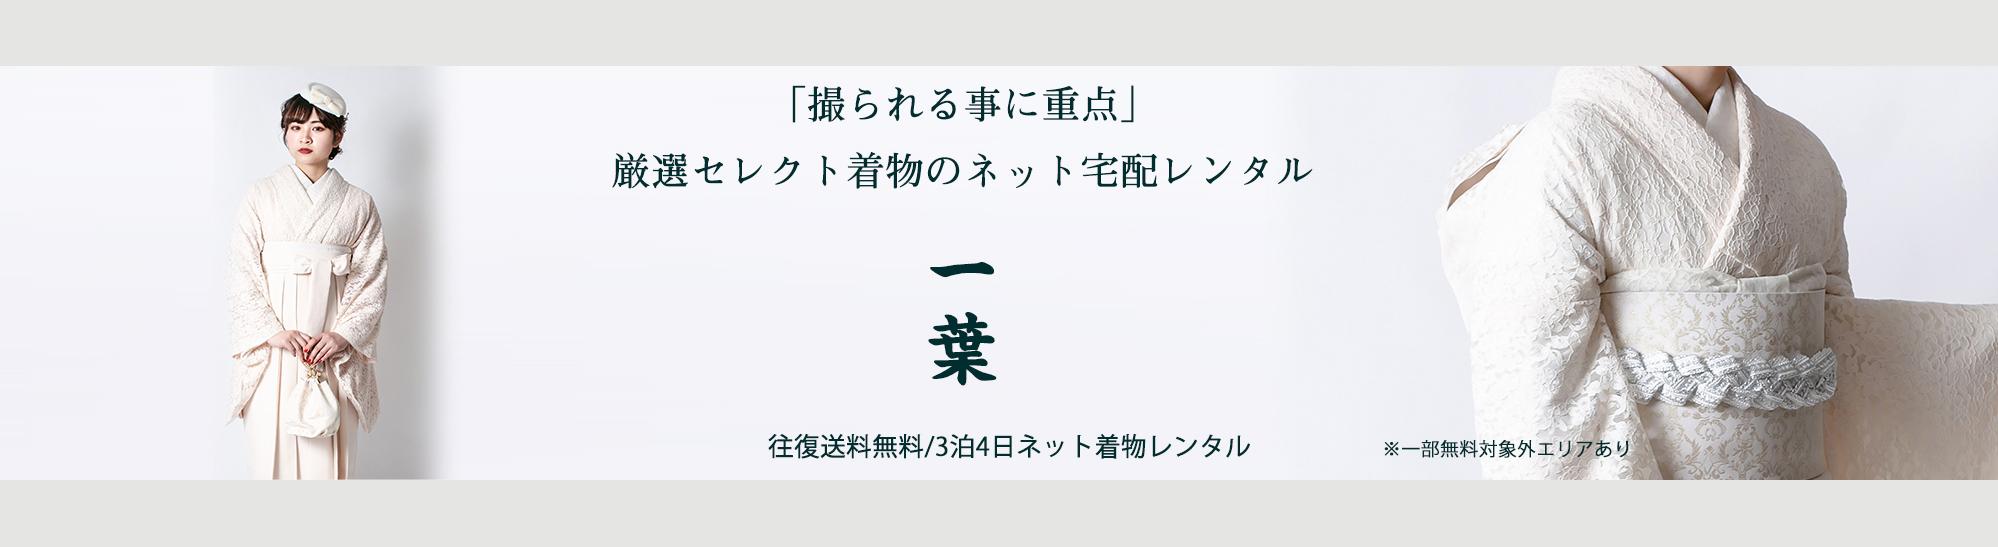 七五三・卒業袴・振袖の宅配ネットレンタル レトロ 一葉